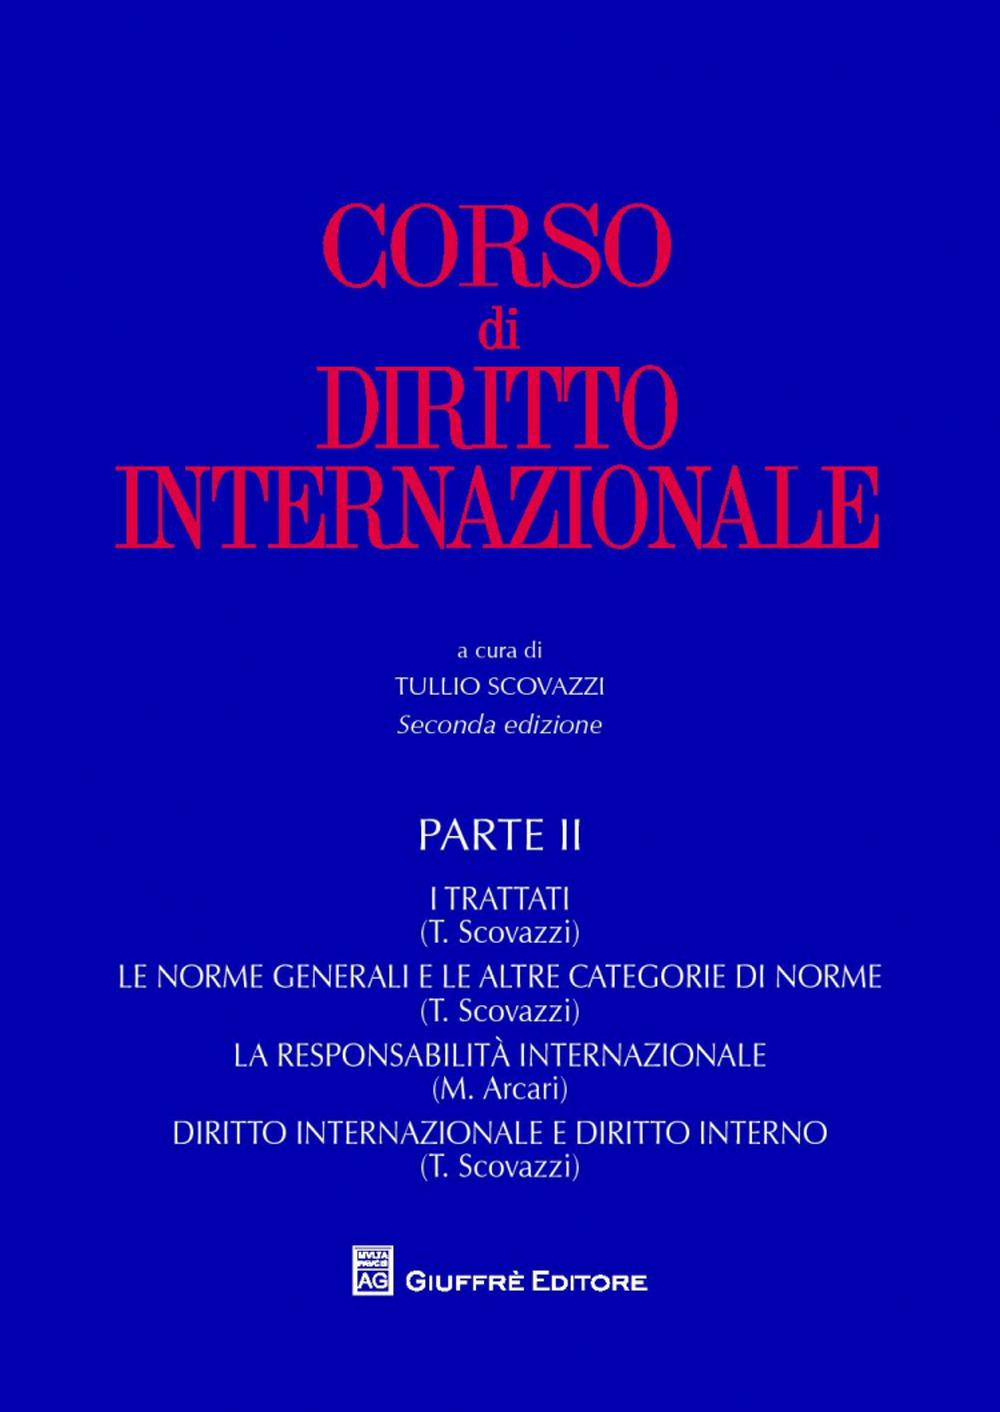 Image of Corso di diritto internazionale. Vol. 2: I trattati. Le norme generali e le altre categorie di norme. La responsabilità internazionale. Diritto internazionale e diritto interno.